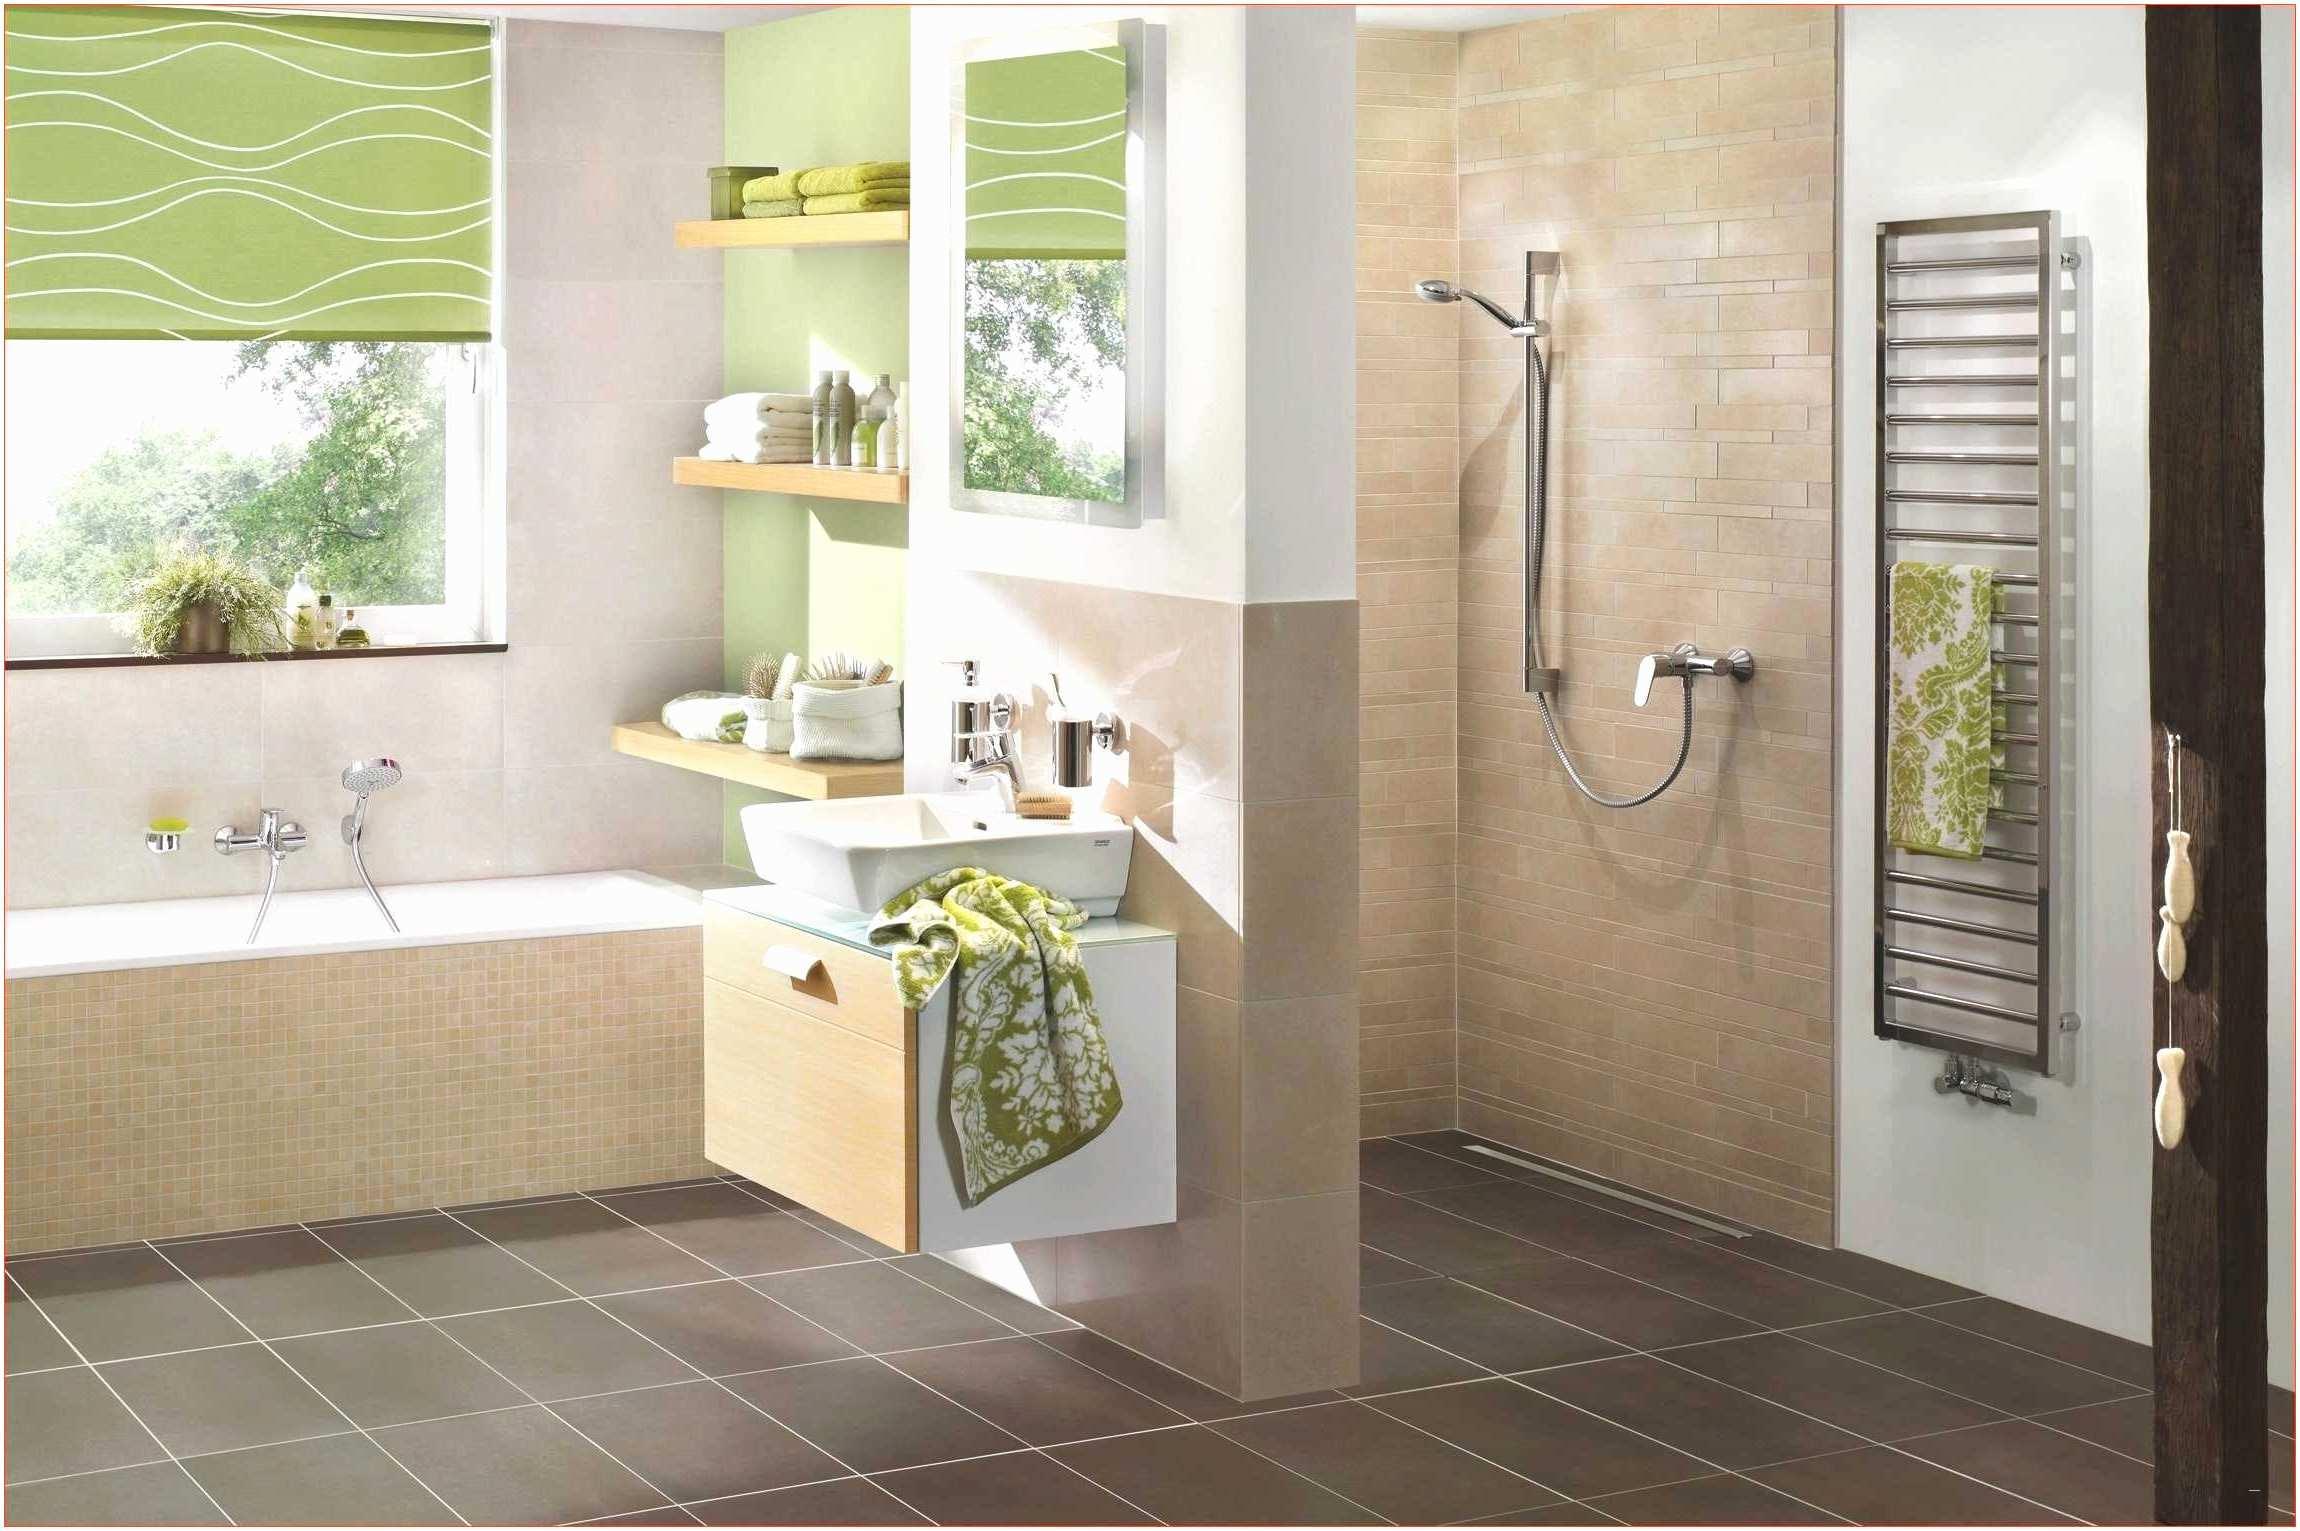 Ideen Kleines Bad Mit Dusche Gestalten